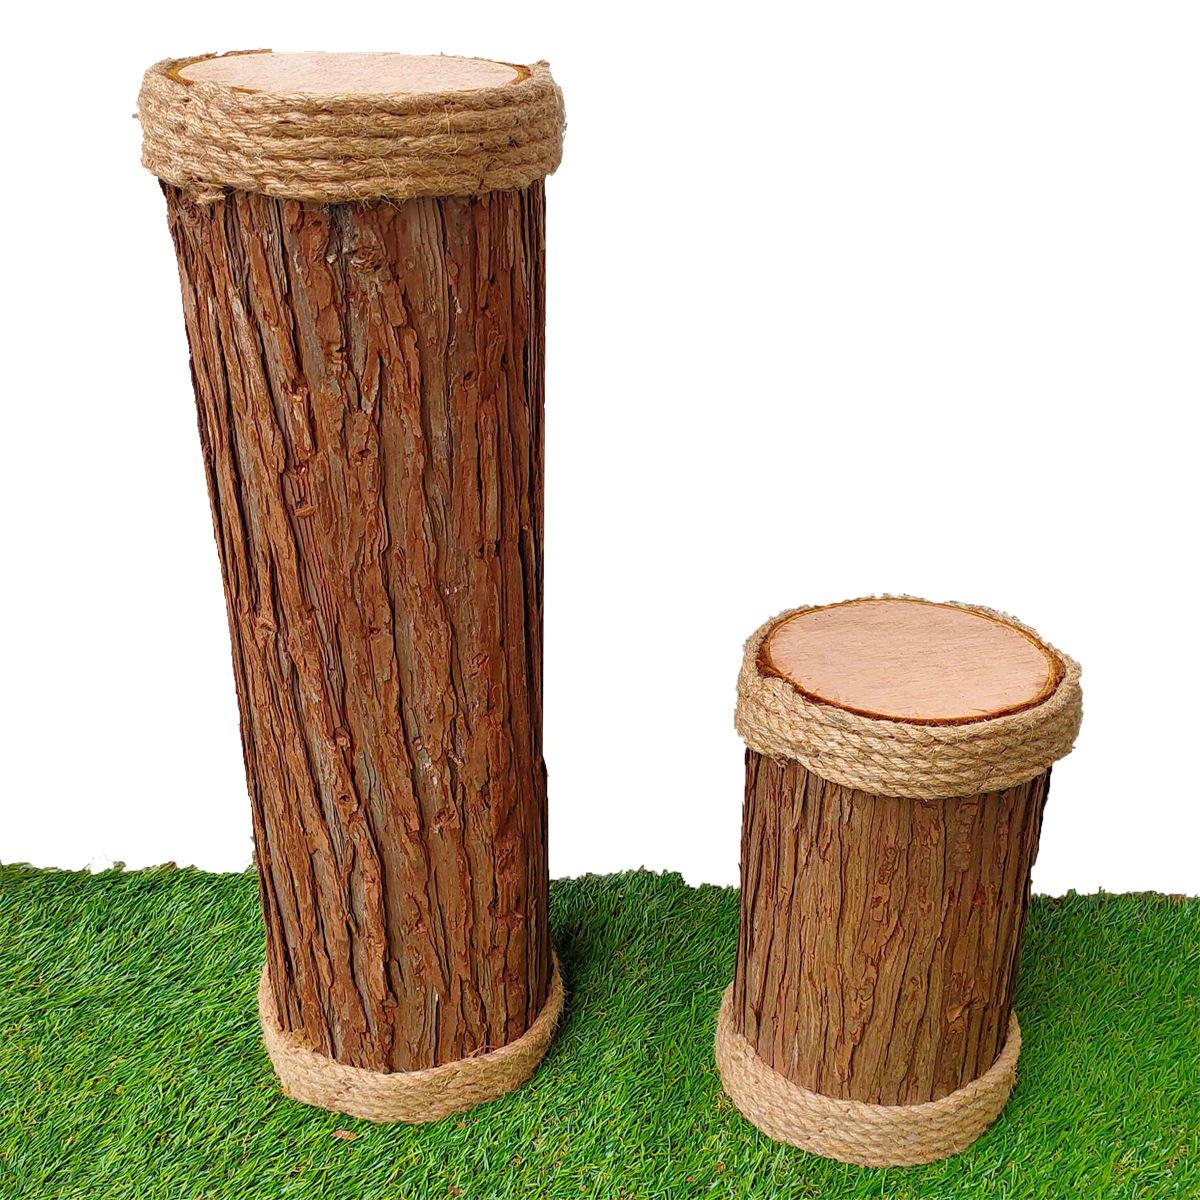 仿真木桩麻绳木墩空心木桩婚庆路引开业橱窗展厅装饰道具